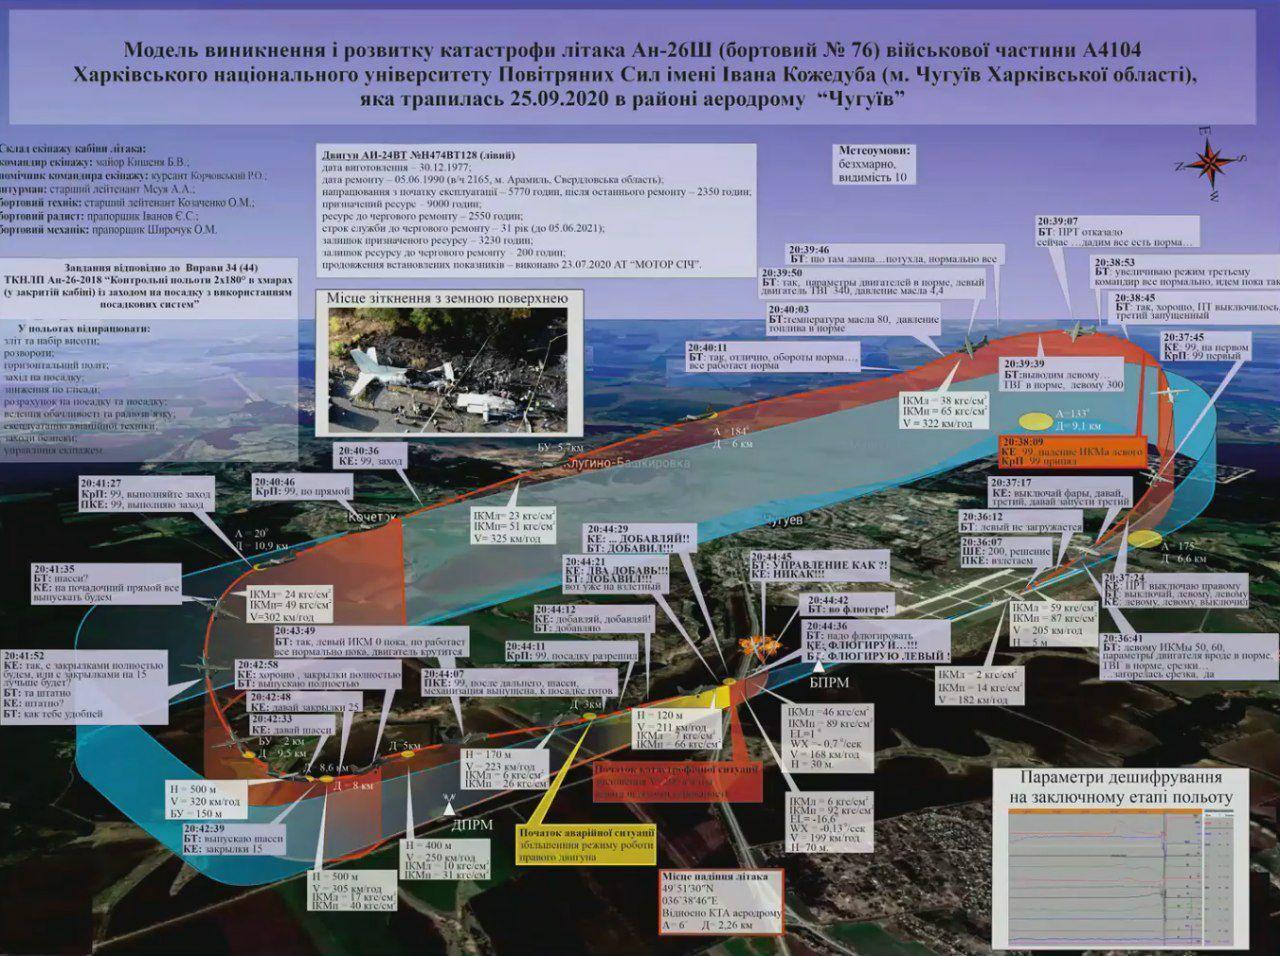 Комиссия по расследованию катастрофы смоделировала развитие ситуации на борту Ан-26